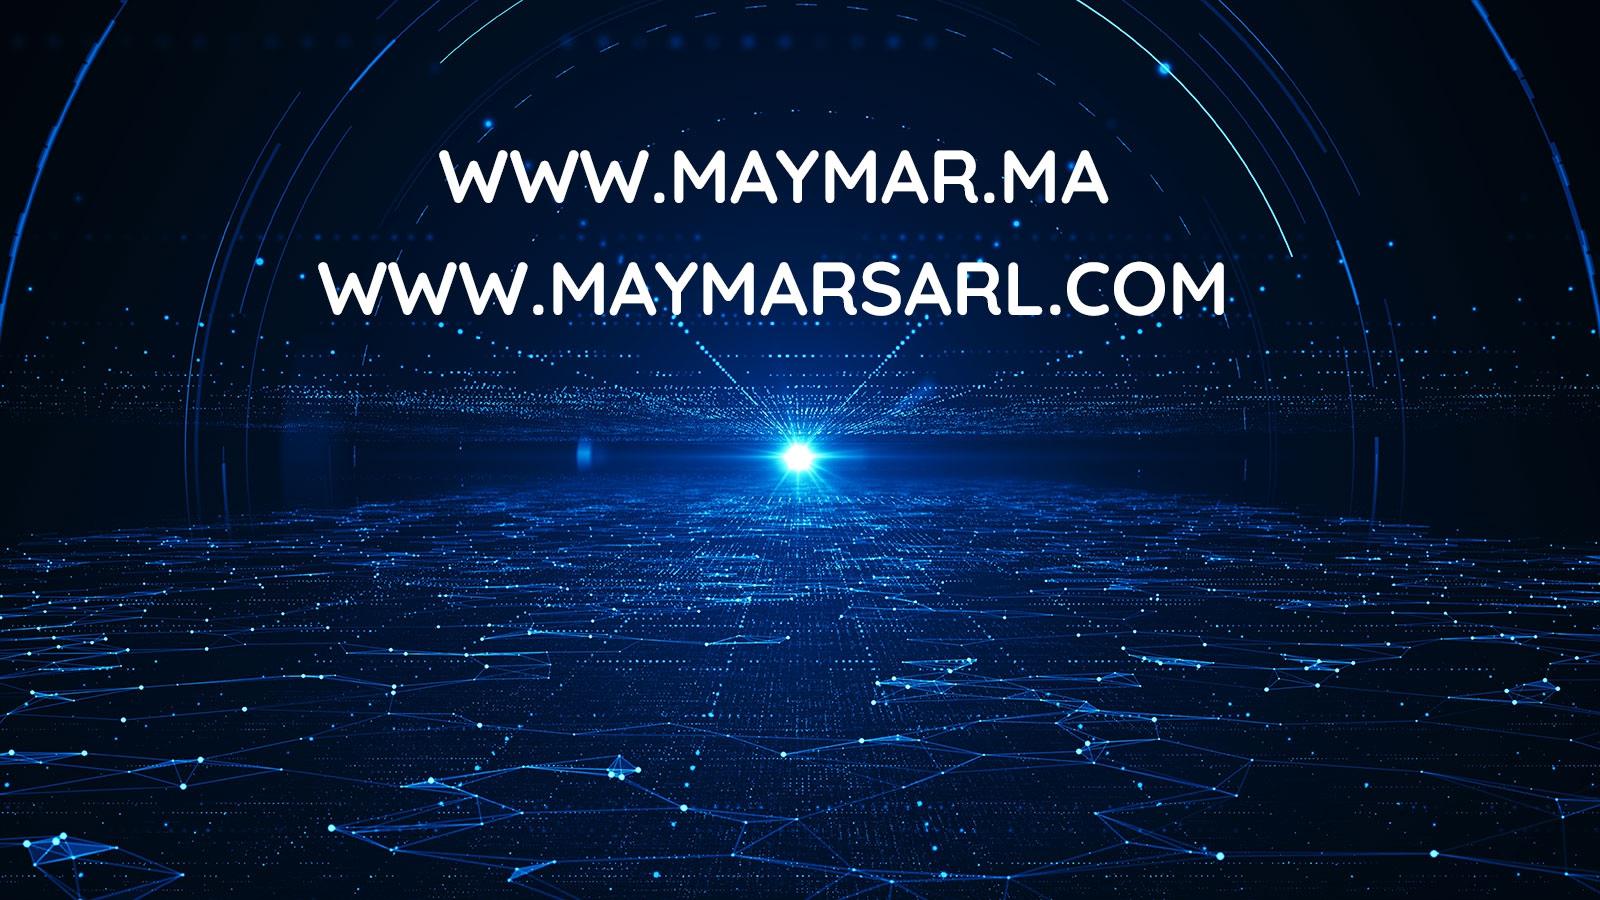 Hébergement Web + Nom de Domaine Maymar